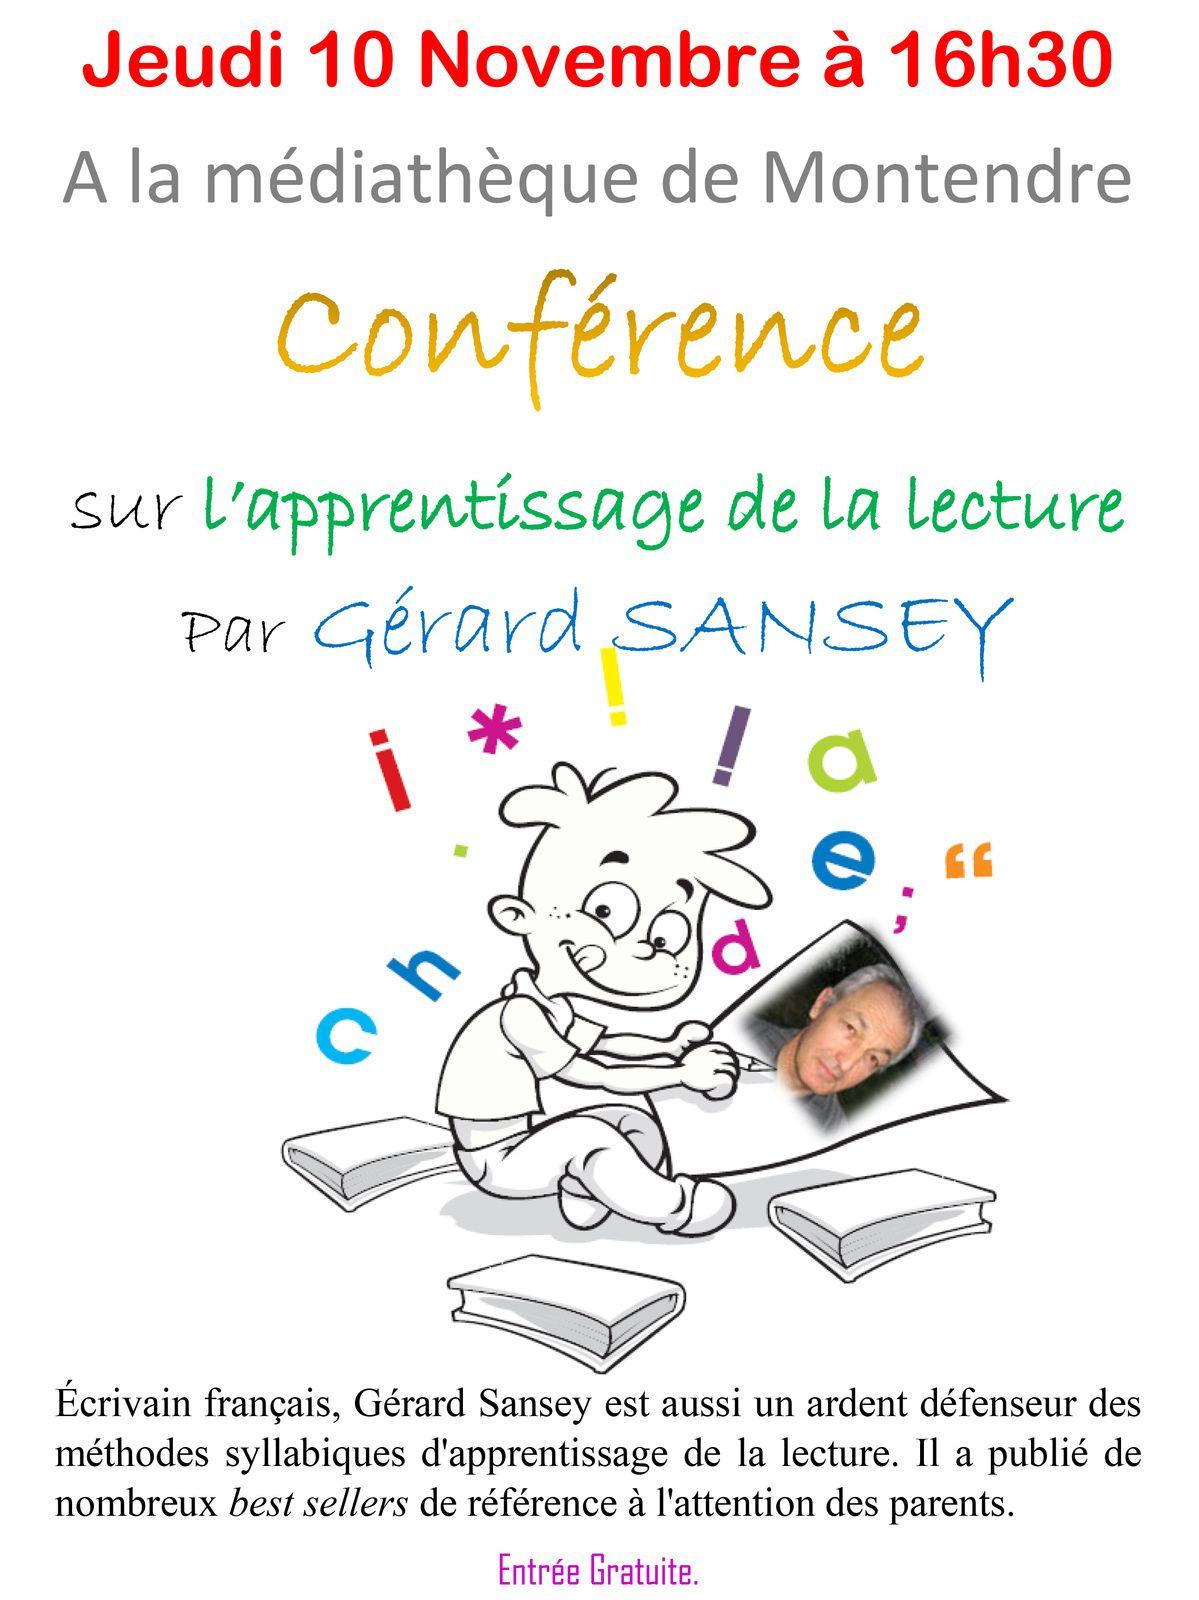 Conférence de Gérard Sansey sur la lecture le 10 novembre à la bibli de Montendre